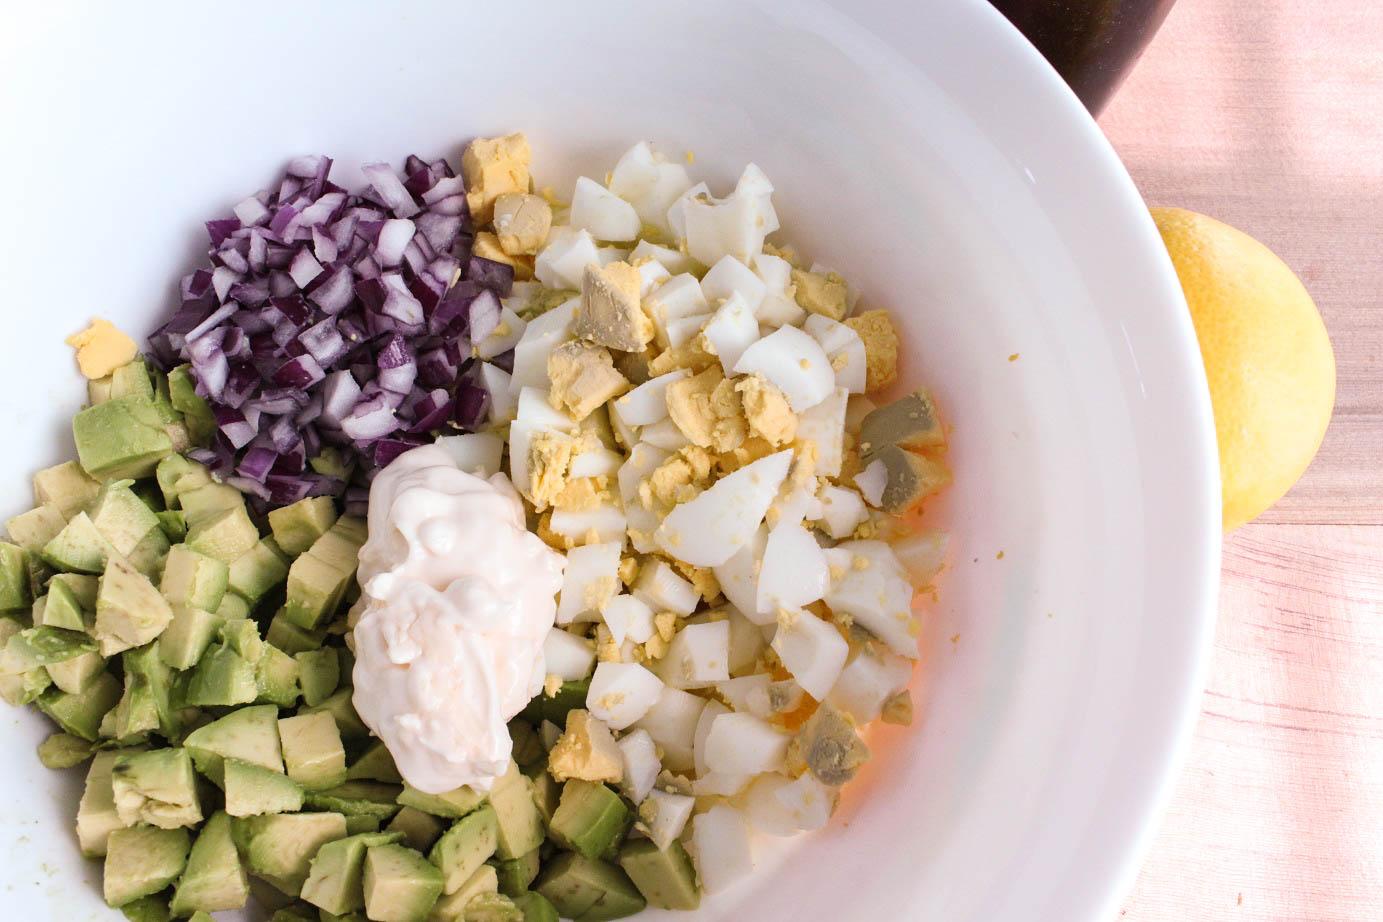 Avocado and Egg Salad